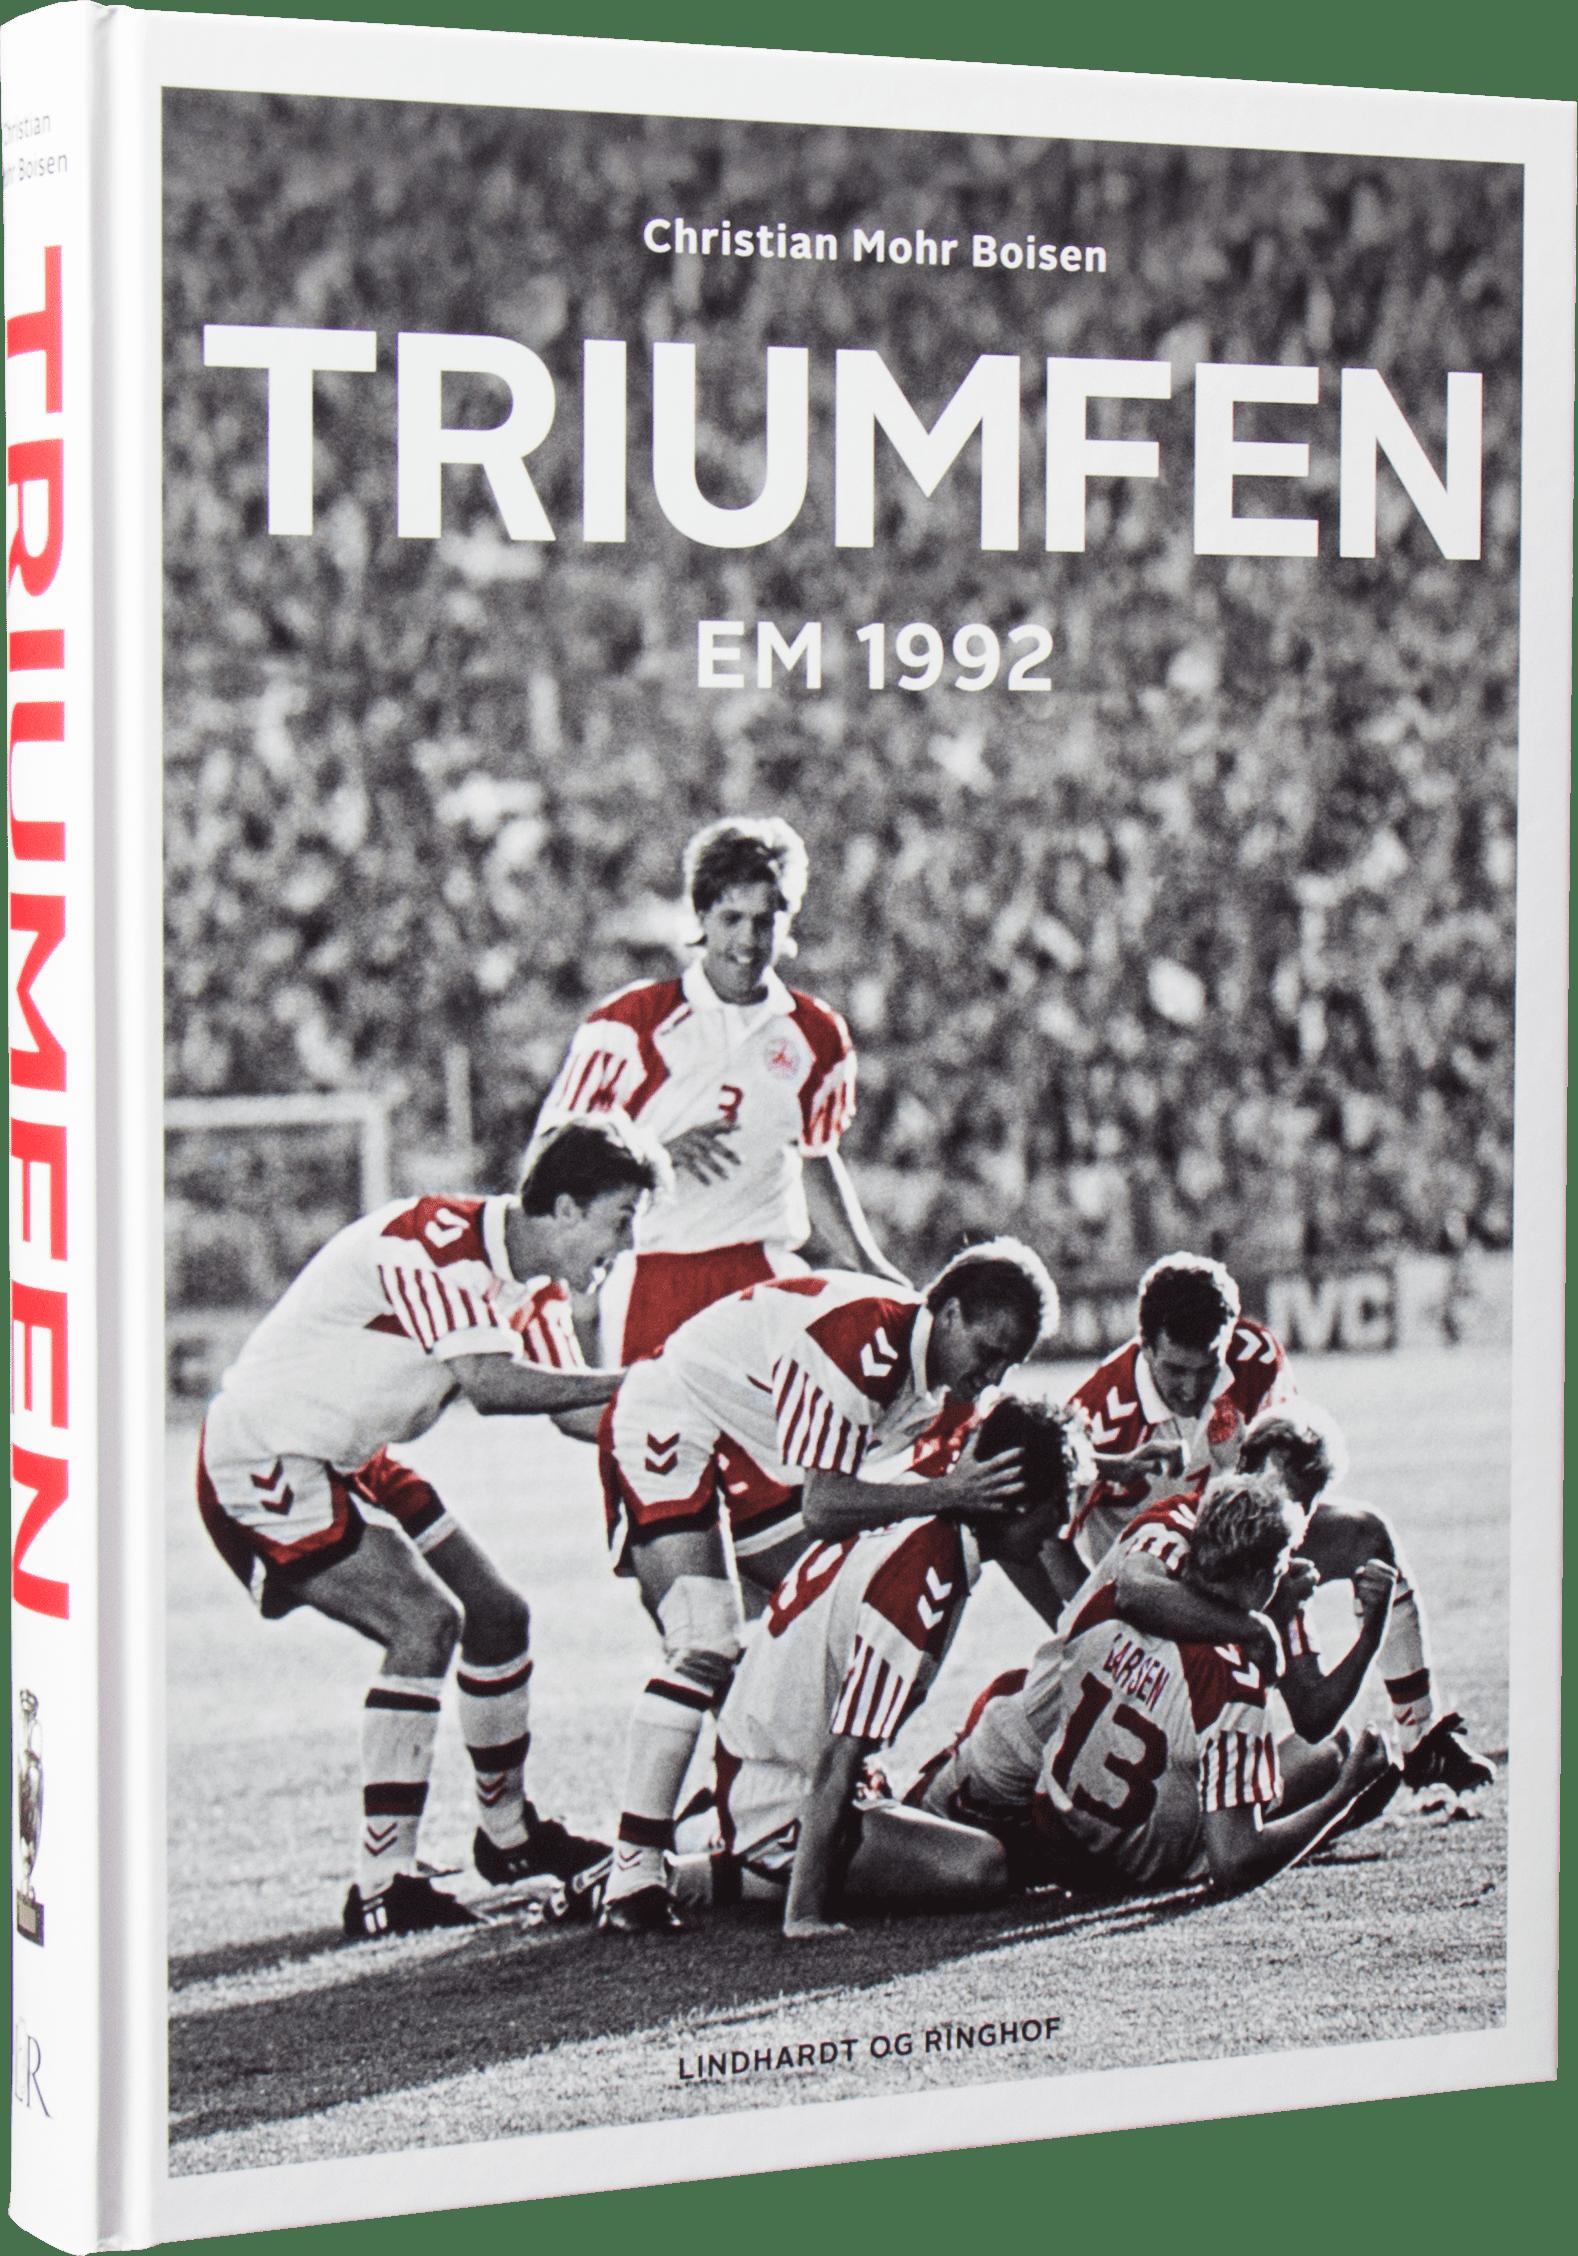 Triumfen, EM 1992, dansk fodbold, danske europamestre, Sommeren 92